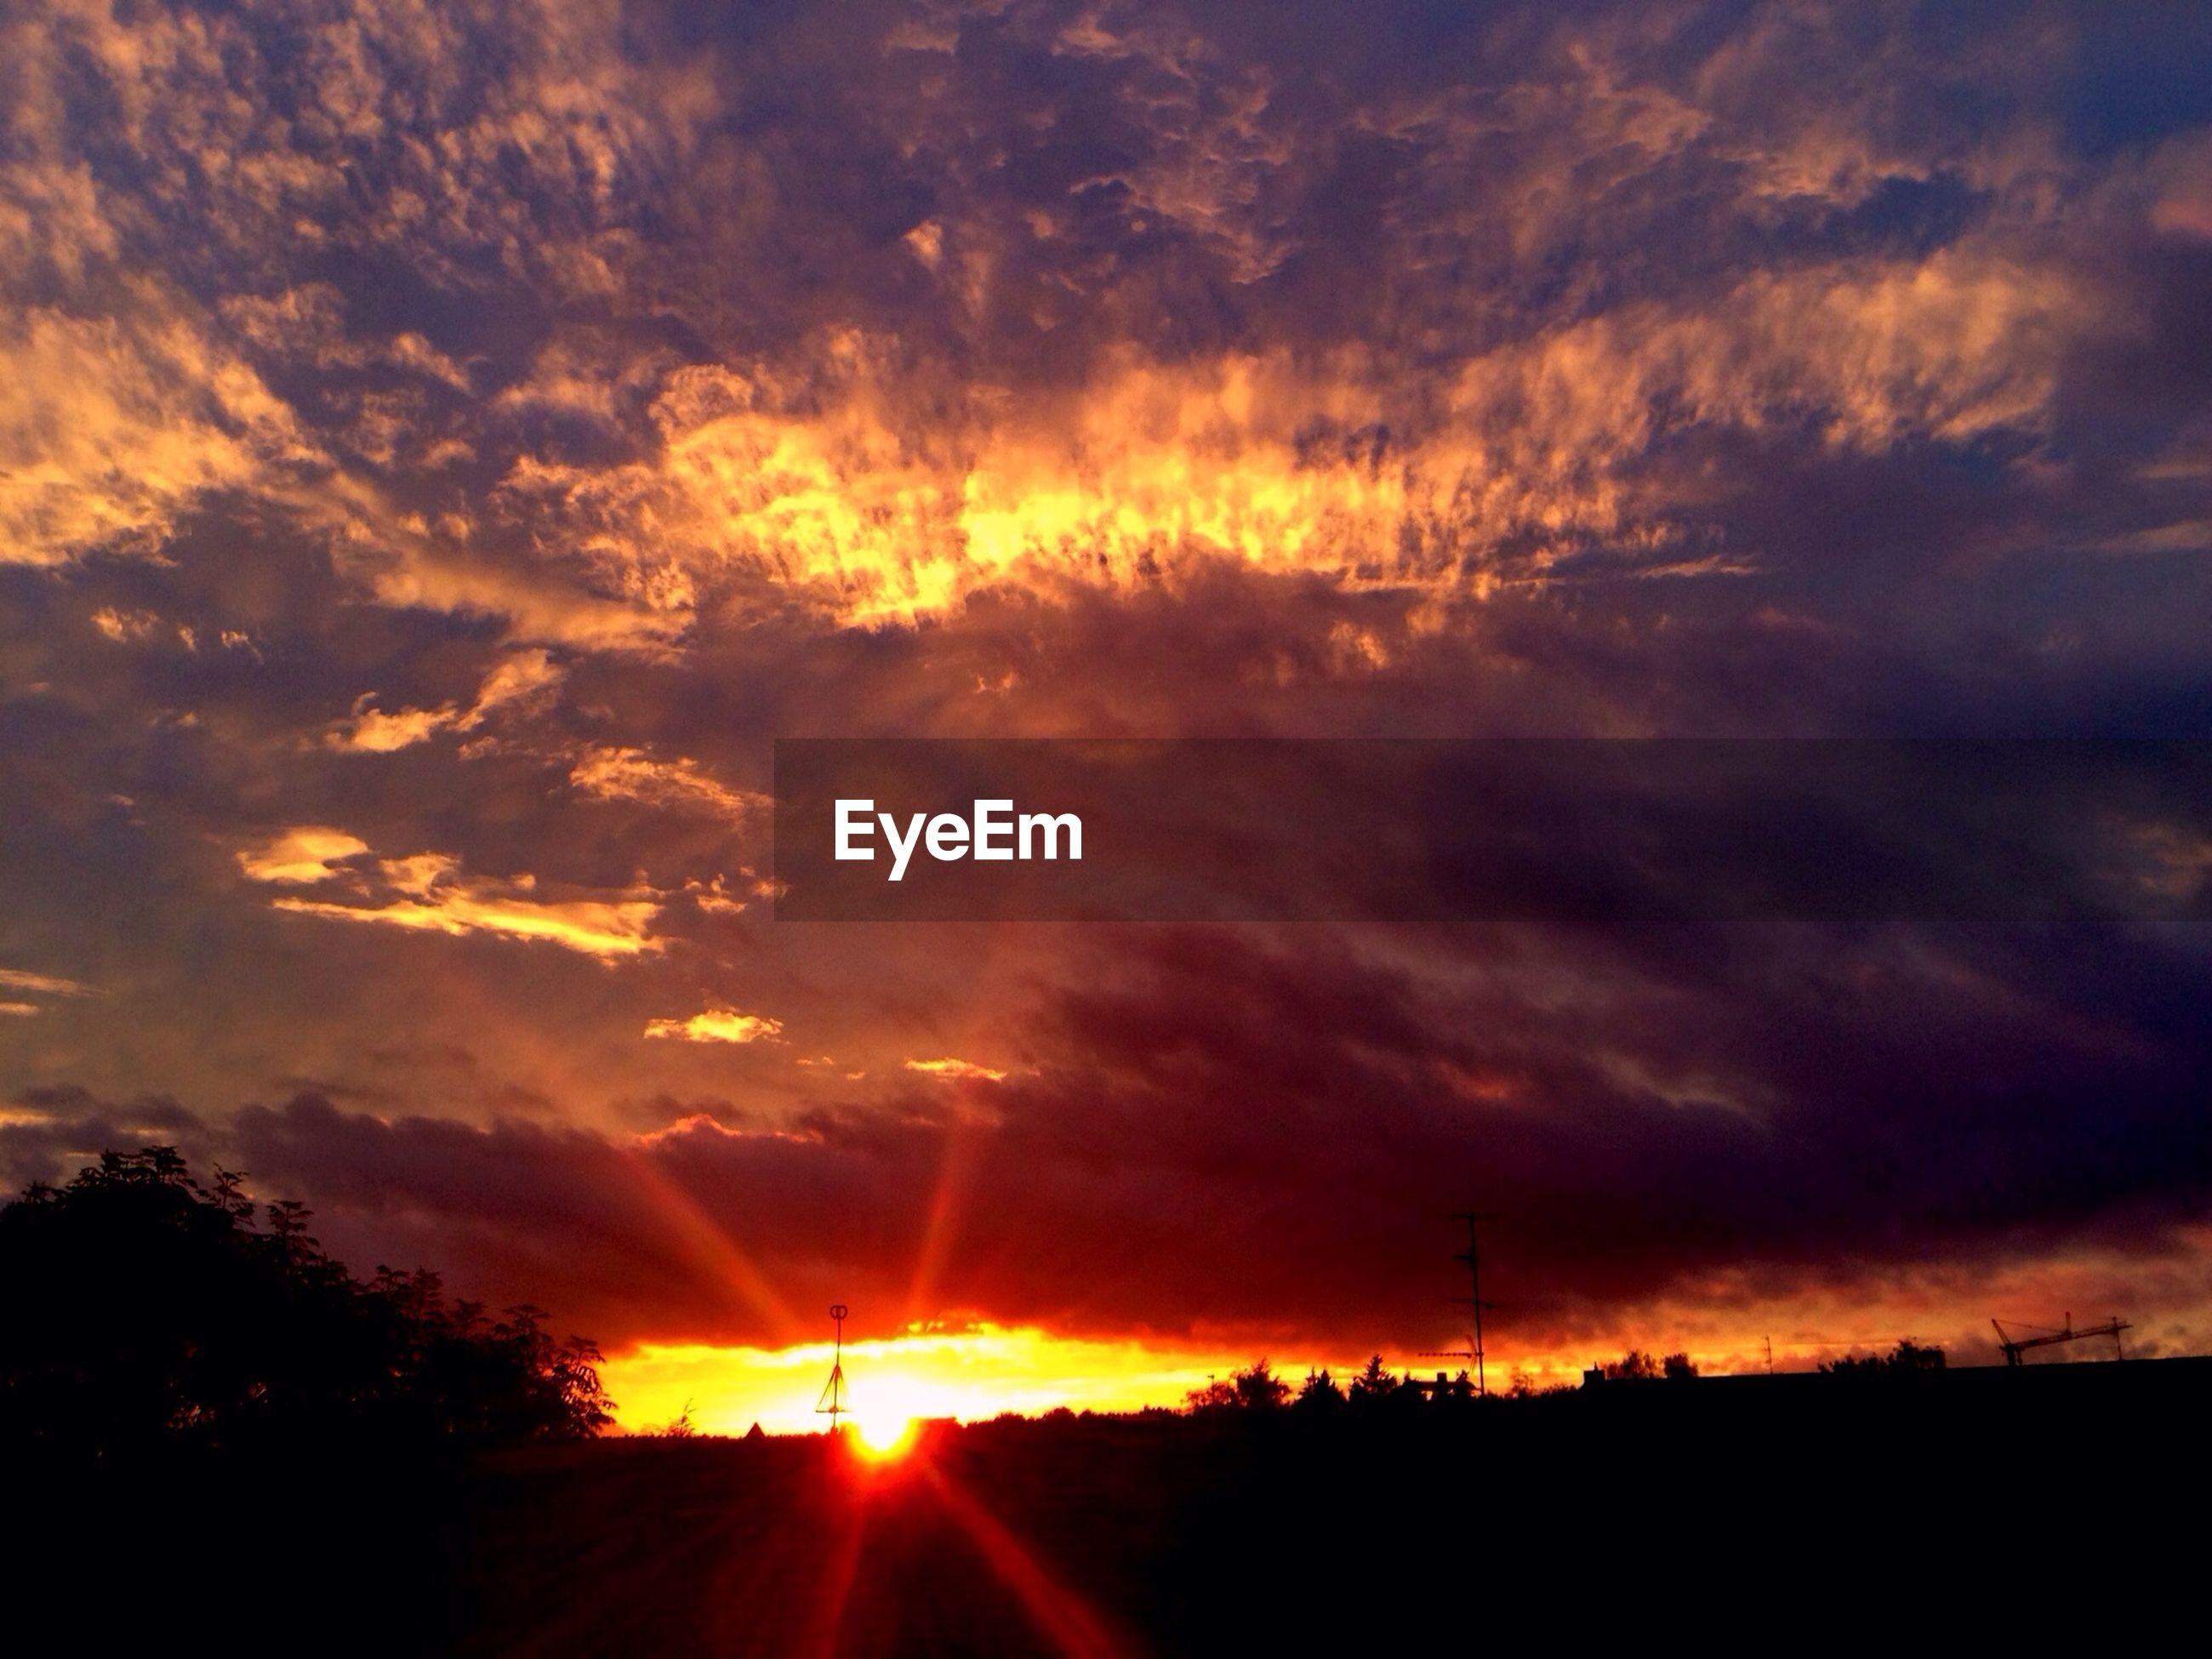 sunset, sun, sky, silhouette, scenics, tranquil scene, orange color, beauty in nature, tranquility, cloud - sky, landscape, sunbeam, nature, sunlight, dramatic sky, idyllic, field, cloud, cloudy, back lit